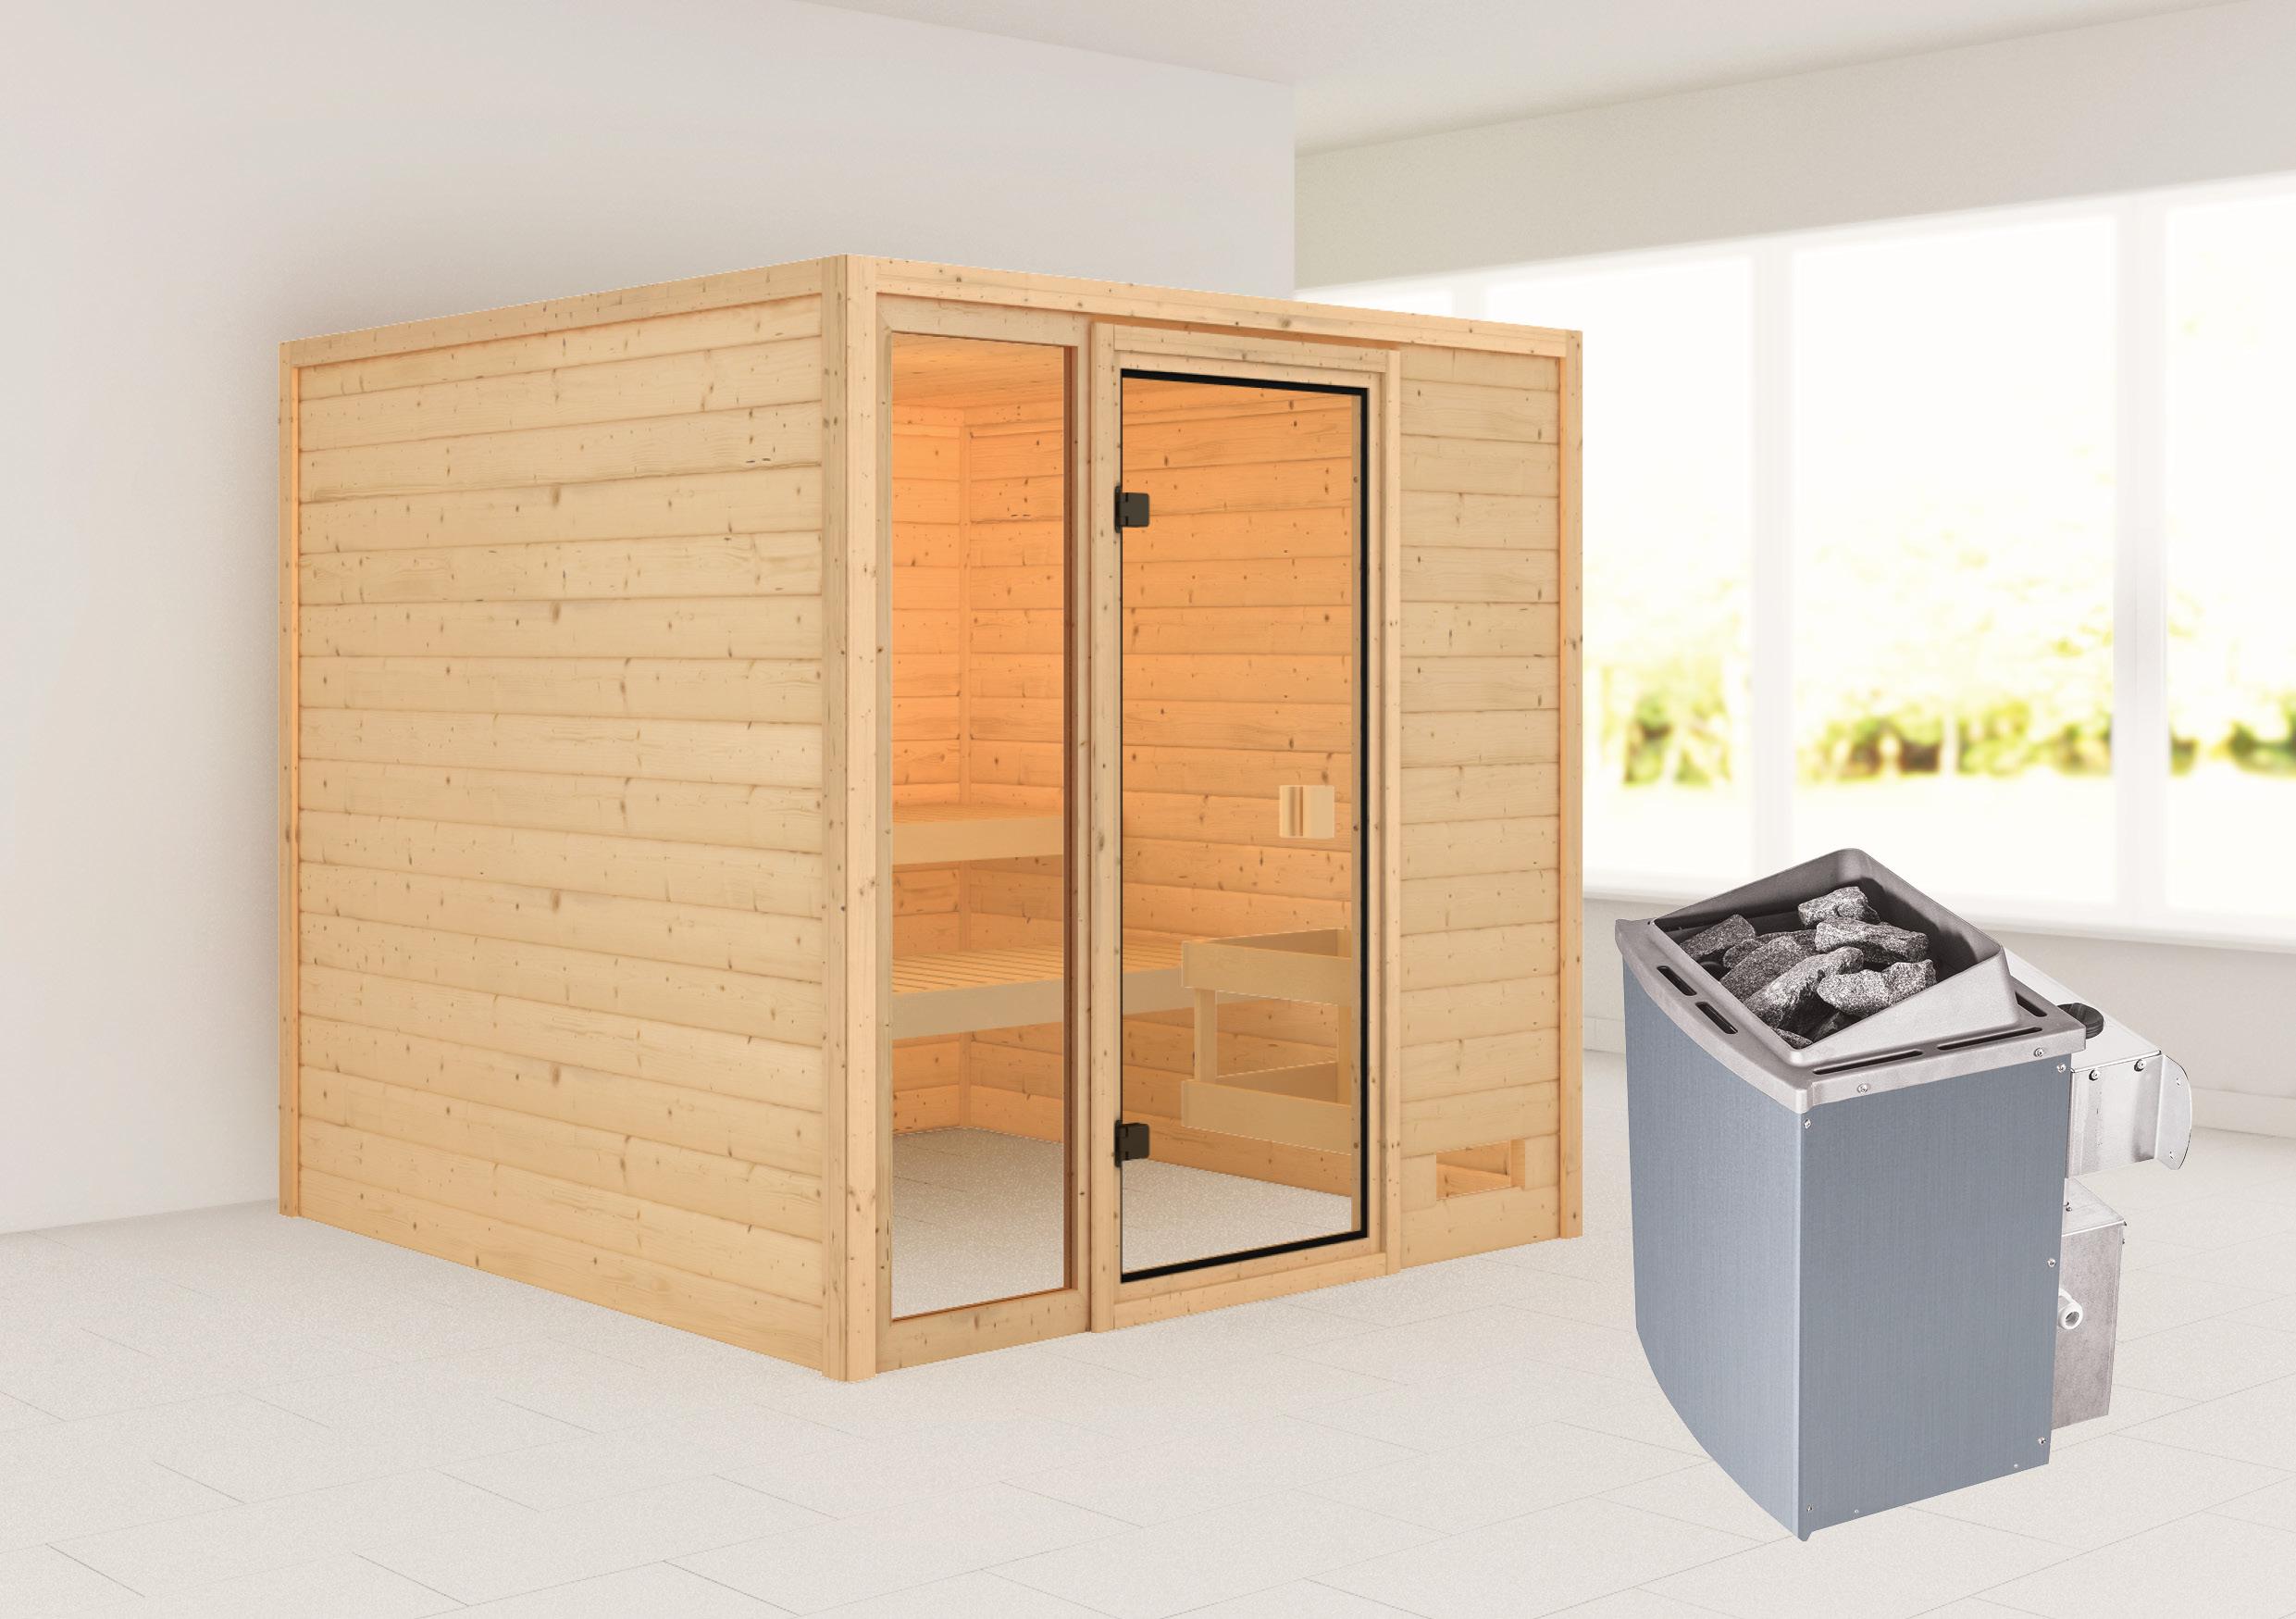 Woodfeeling Sauna Jutta 38mm Saunaofen 9 kW intern Bild 1